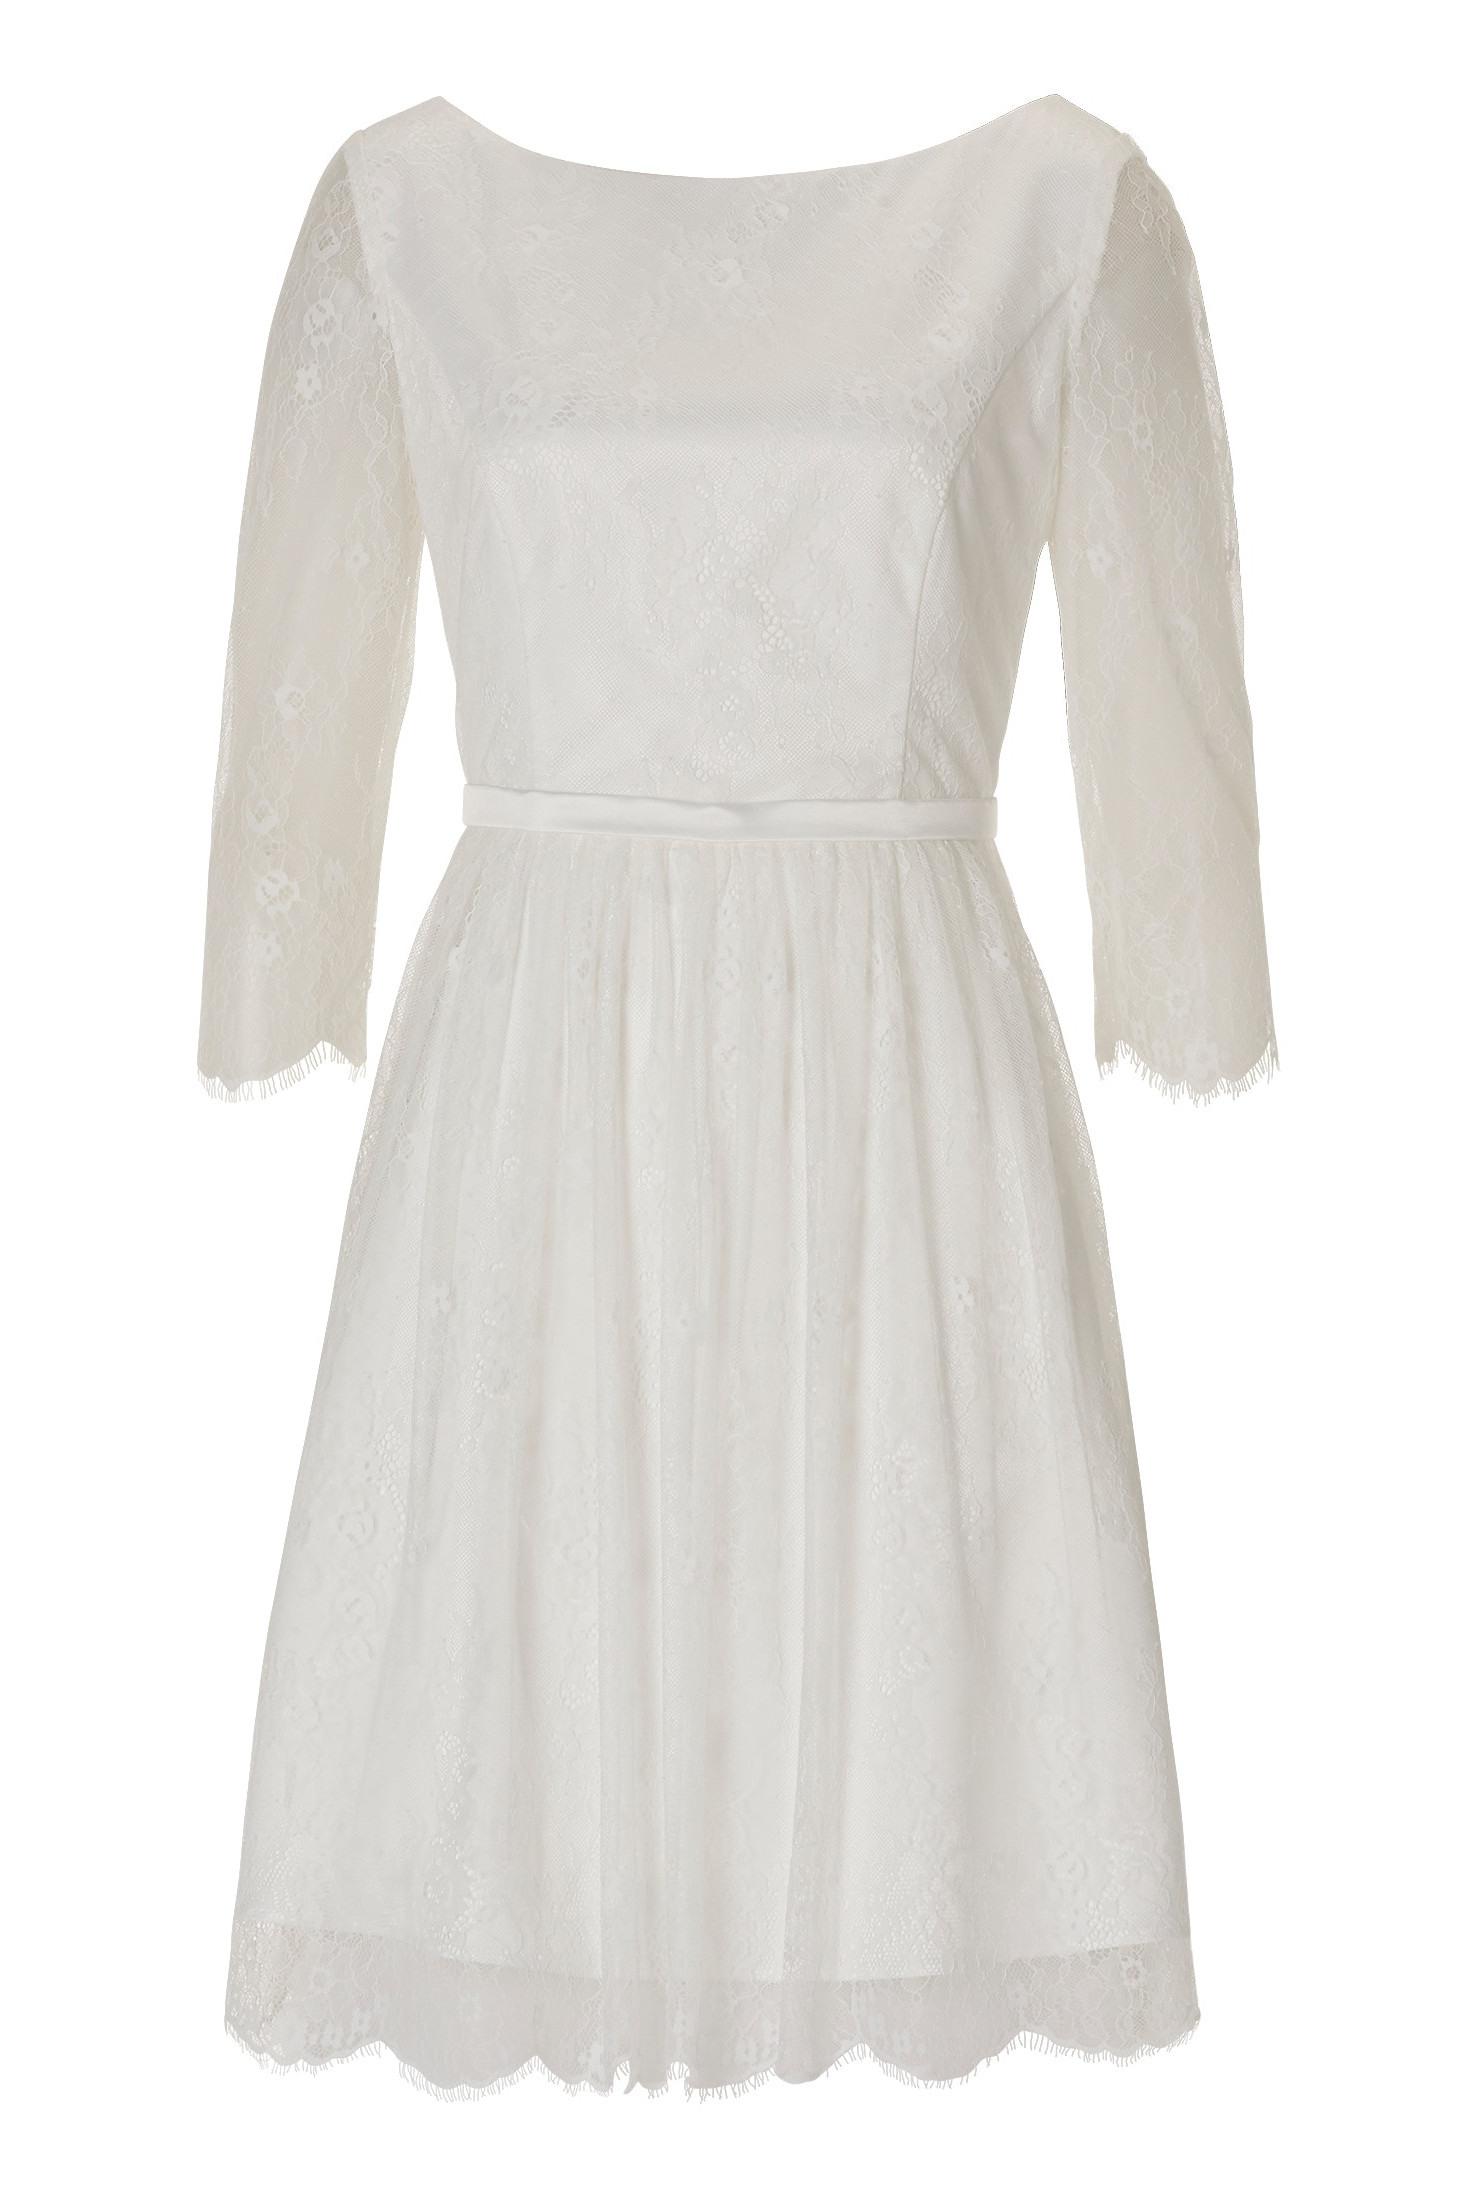 Leicht Kleid Mit Spitze Bester PreisFormal Kreativ Kleid Mit Spitze Design